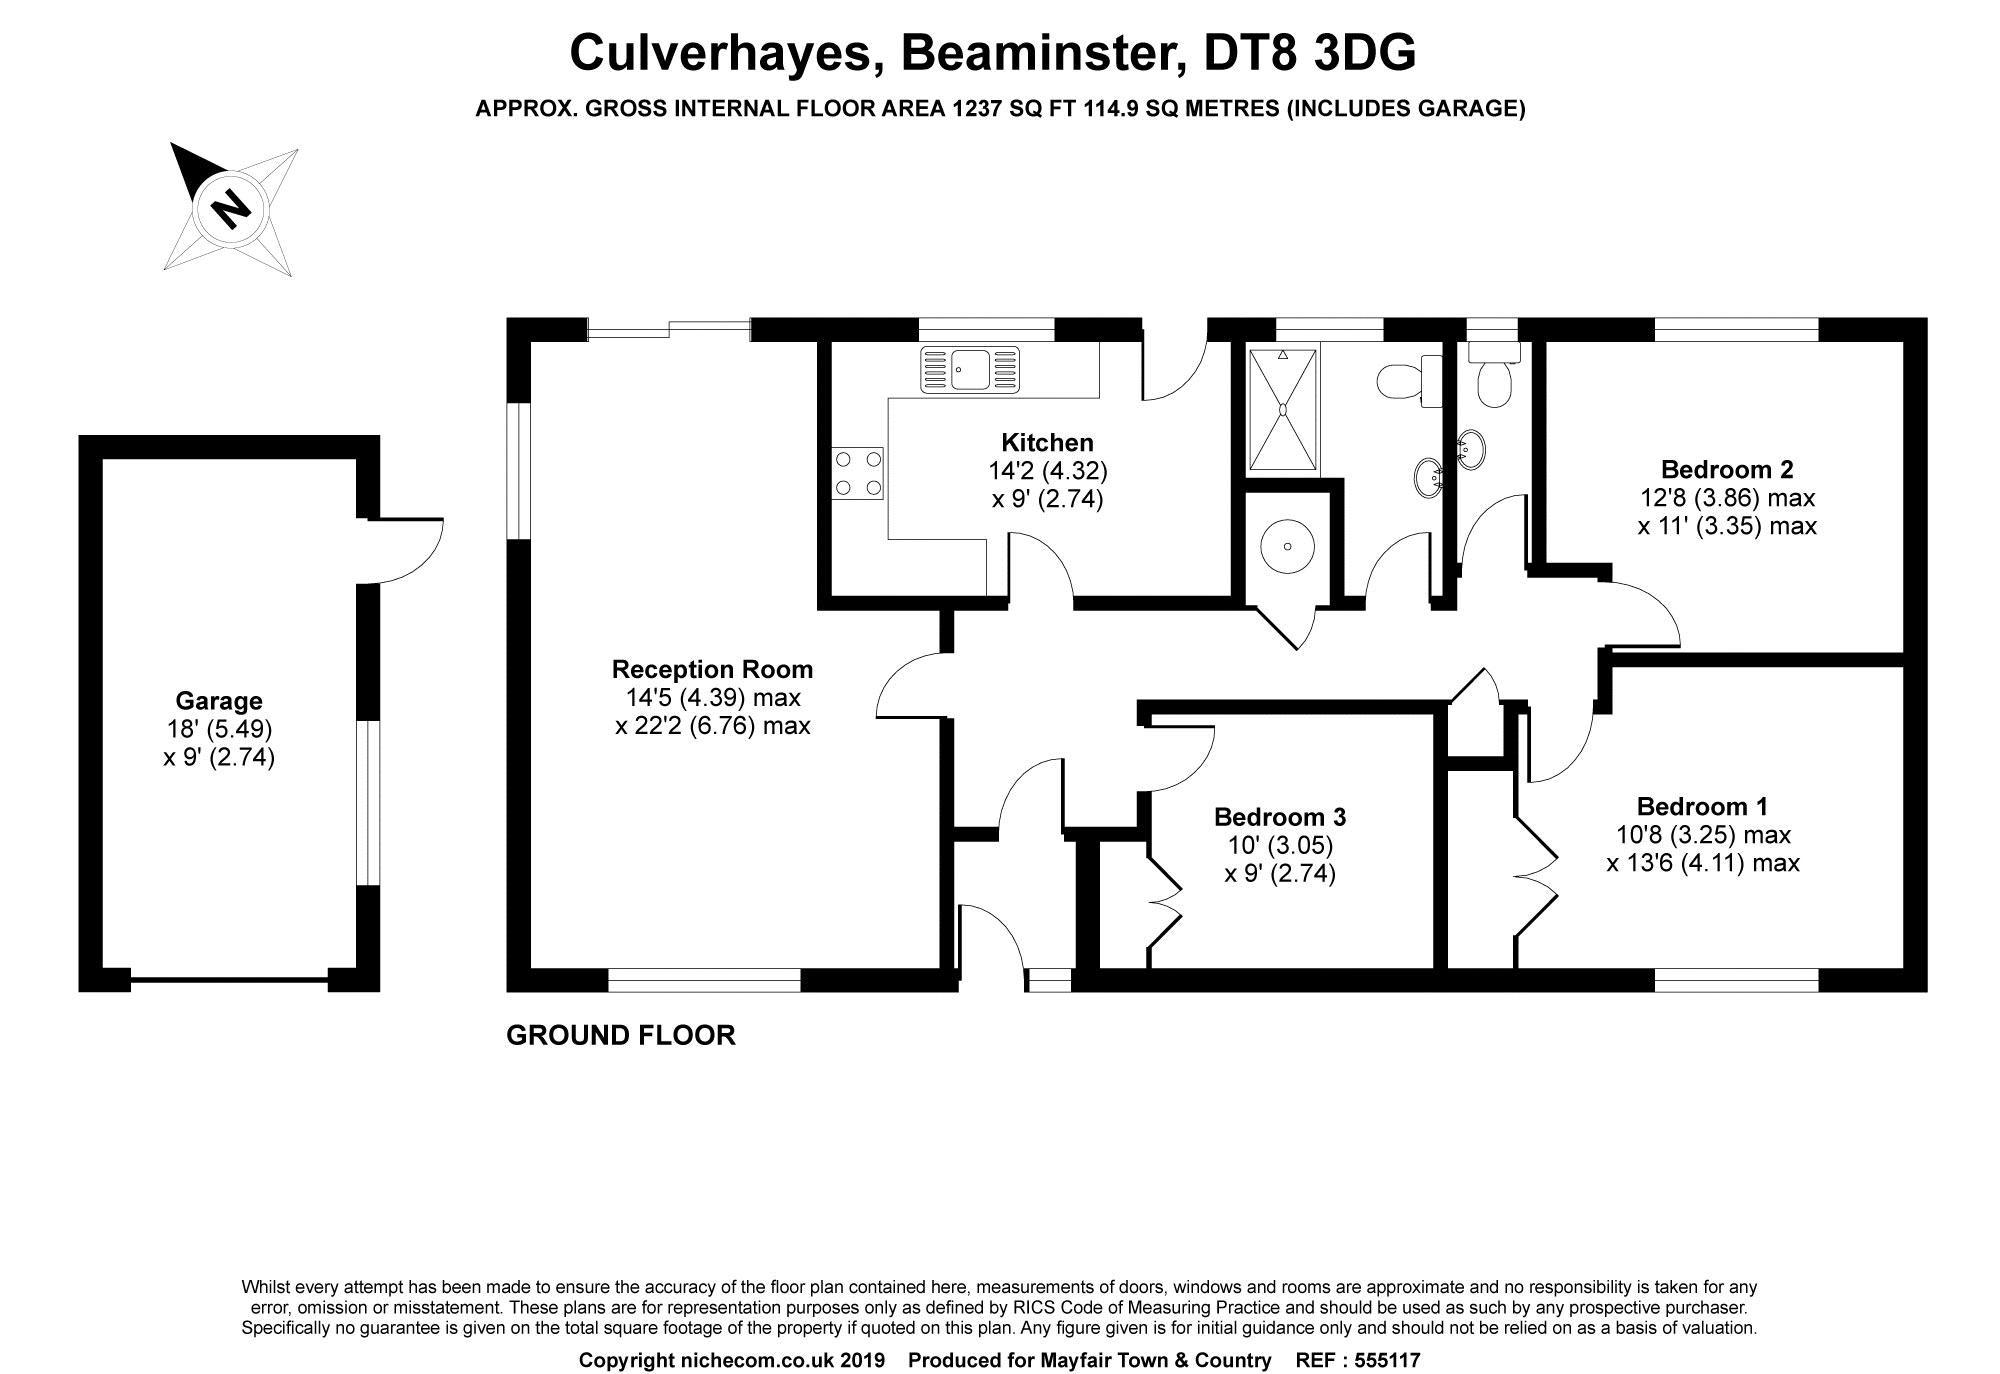 Culverhayes